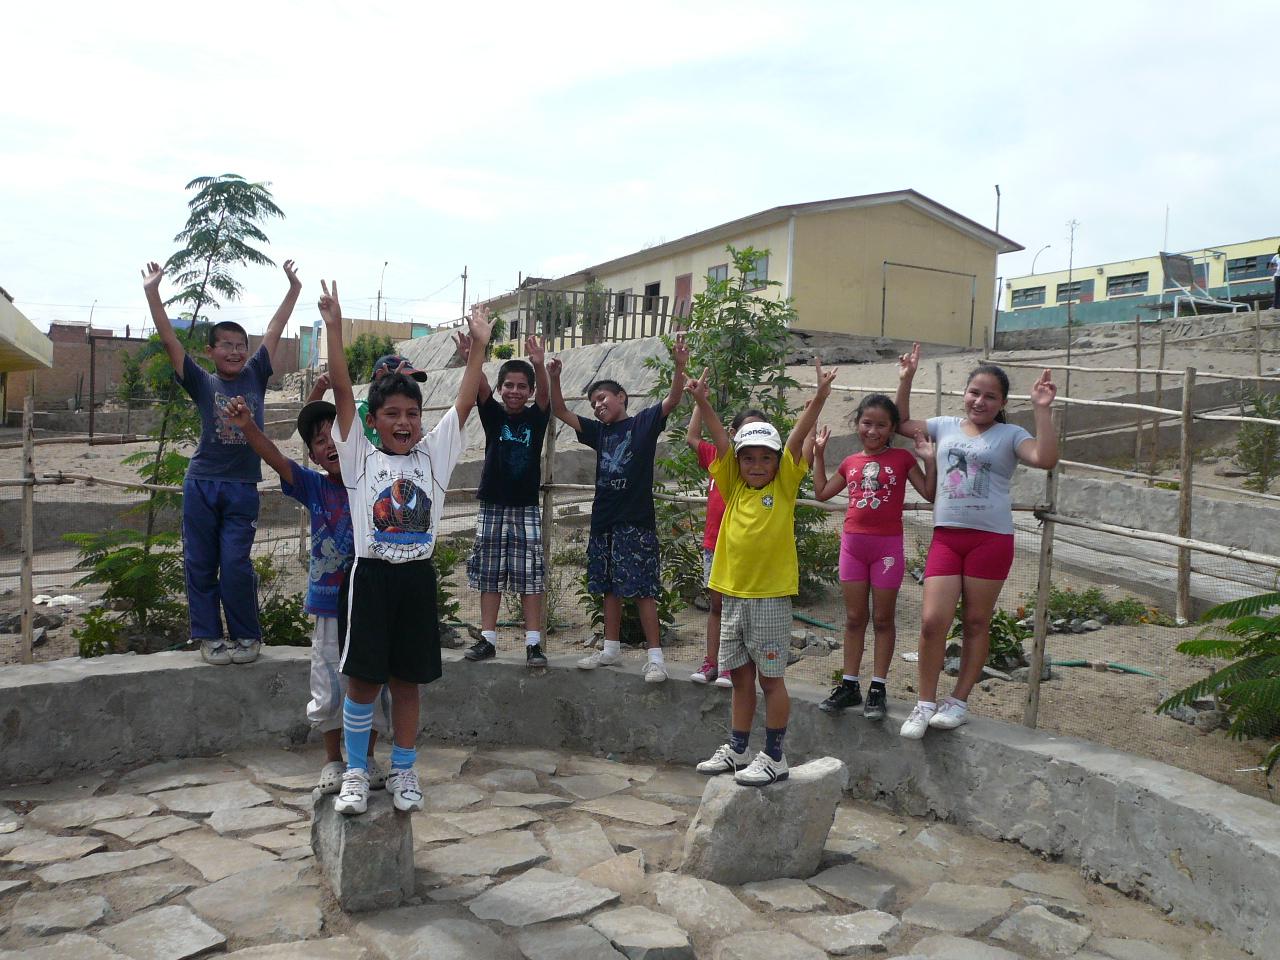 park-kids_11283265613_o